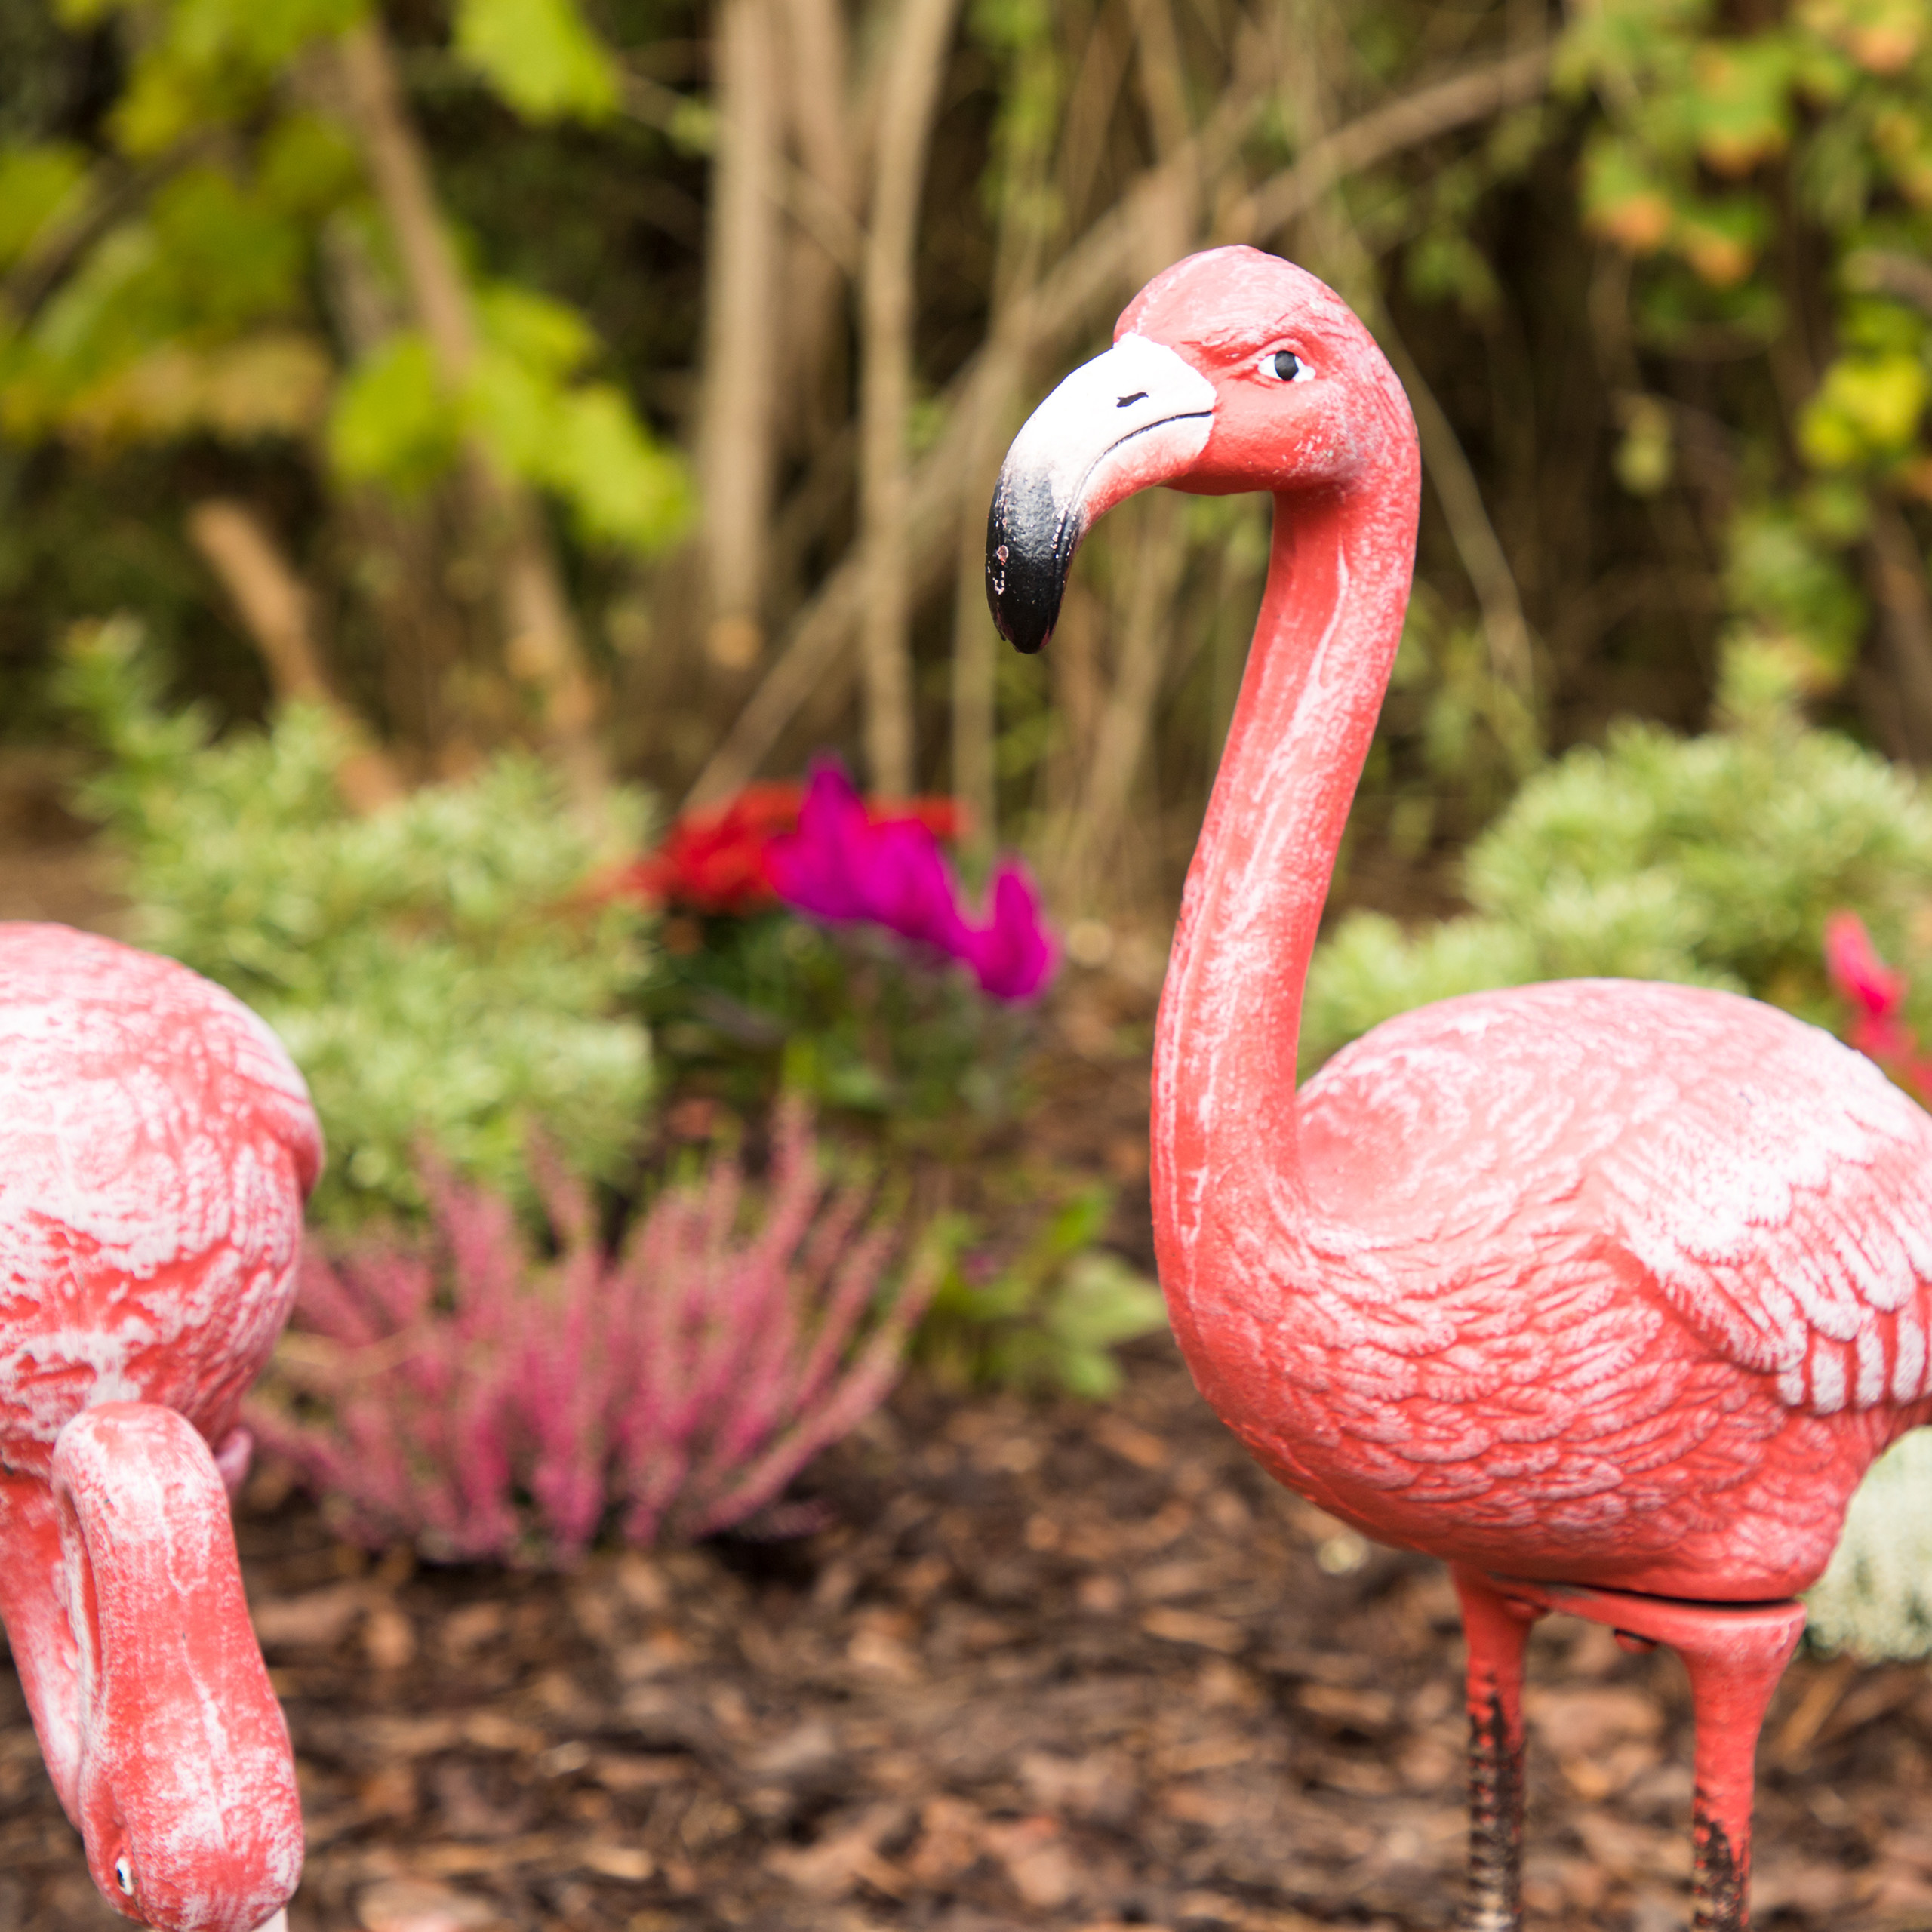 Décoration de jardin Flamand oiseau en métal statue fonte étang ...